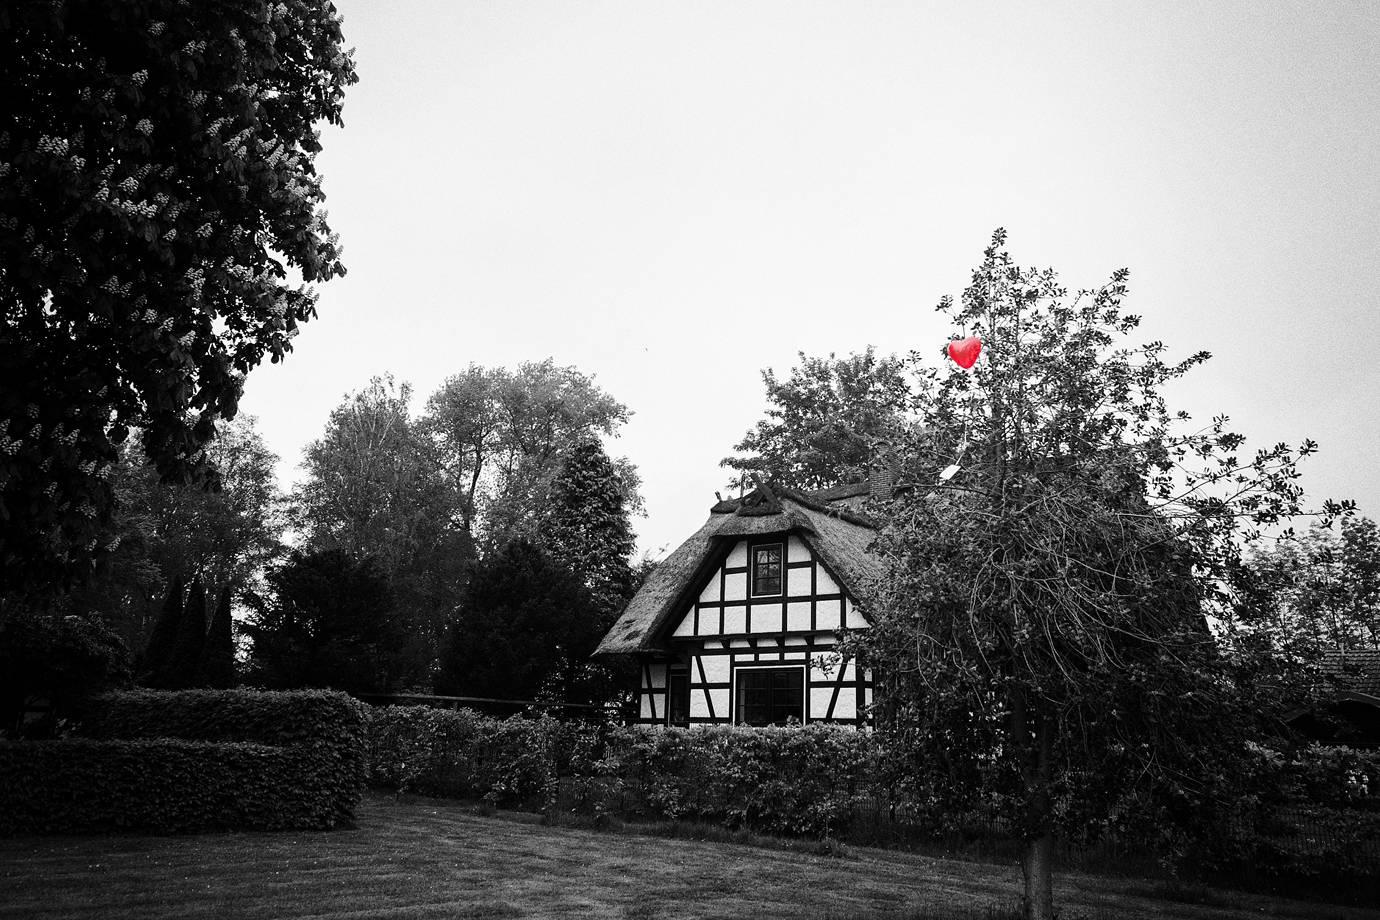 hochzeitsfotograf bremer rathaus 157 - Christine+Rico